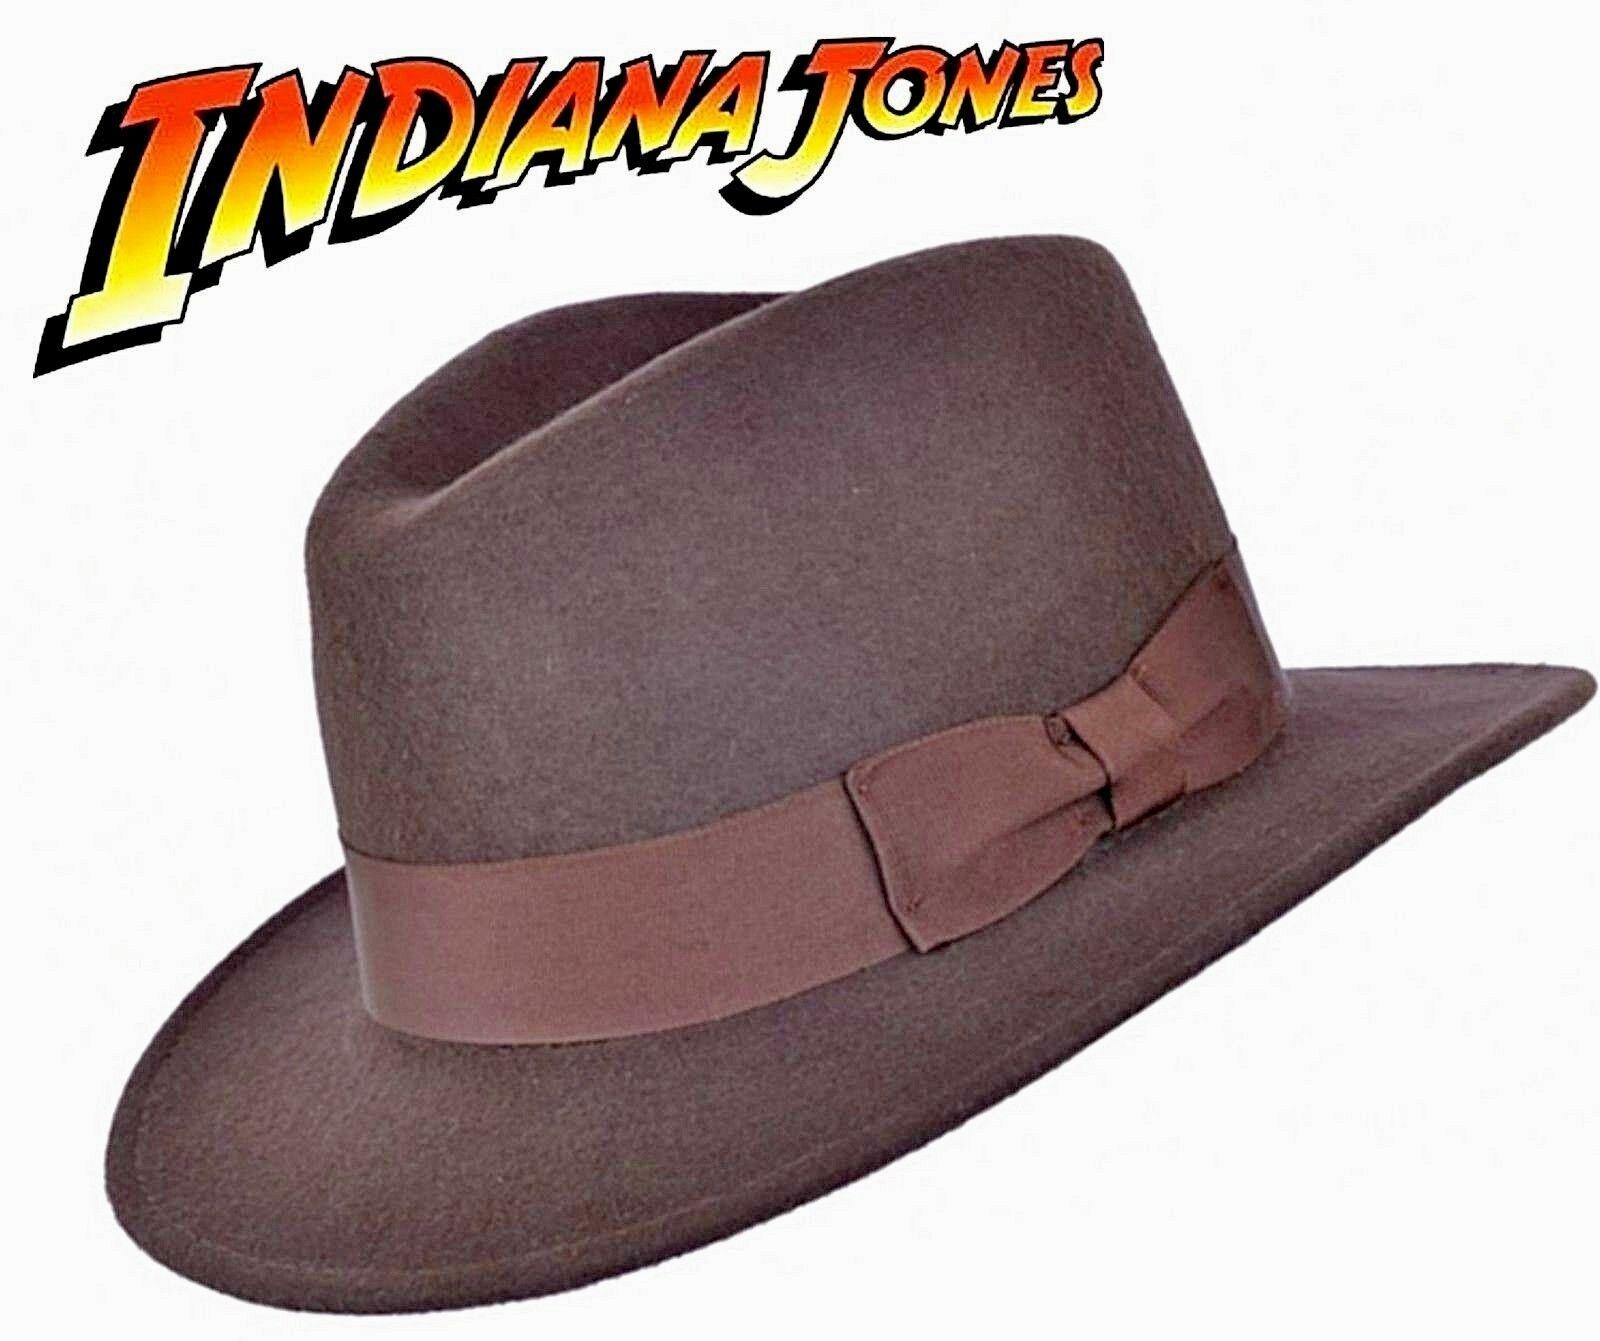 Indiana Jones Style 100% Wool Felt Fedora Brown Hat knautschfähig Water Repellent